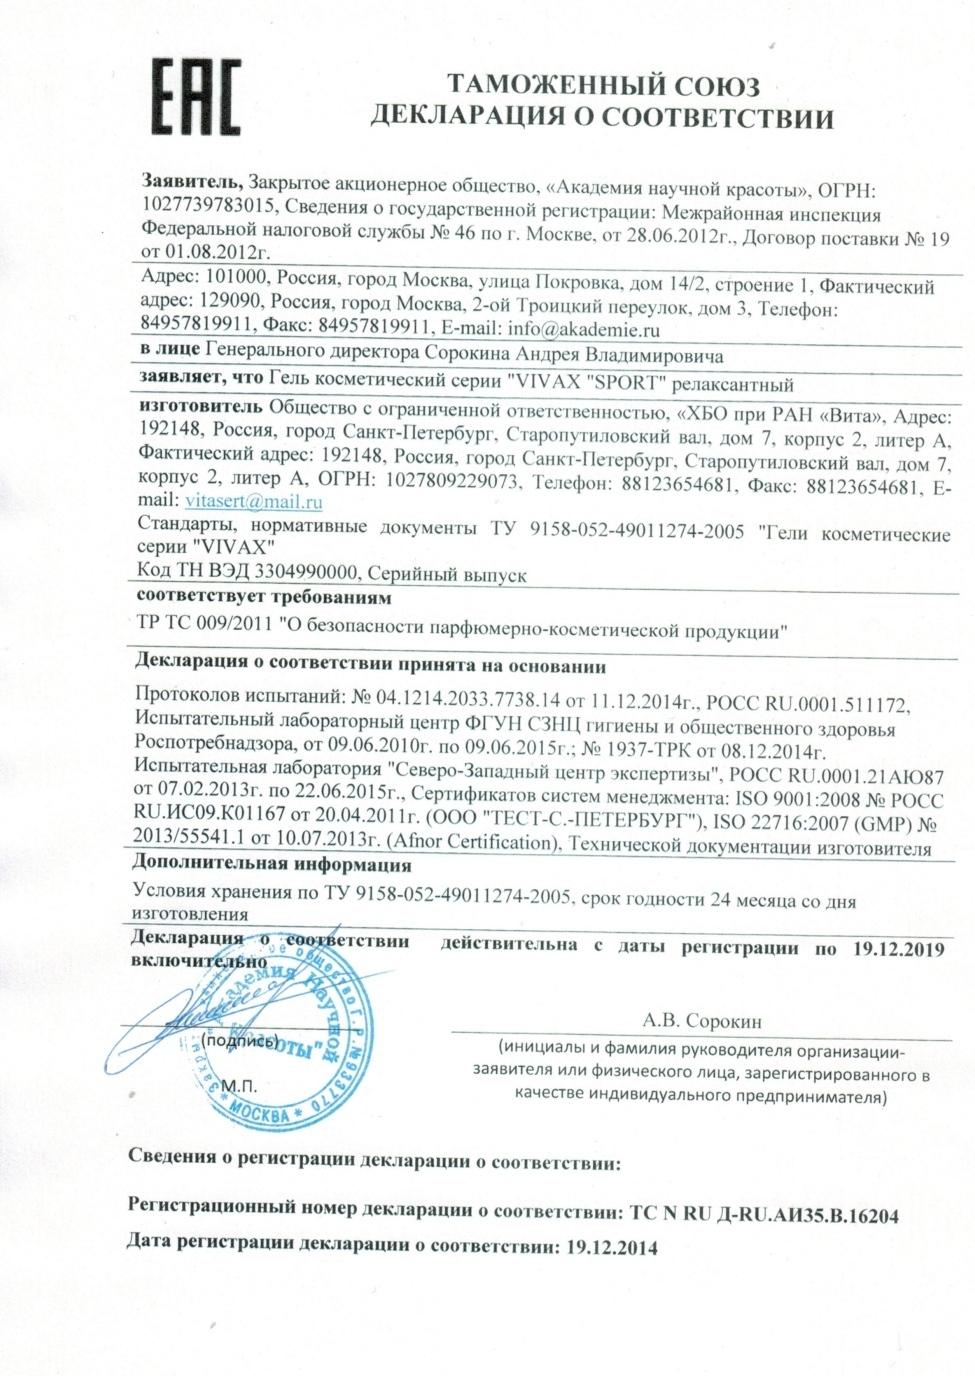 VIVAX Sport Релаксантный - Декларация соответствия